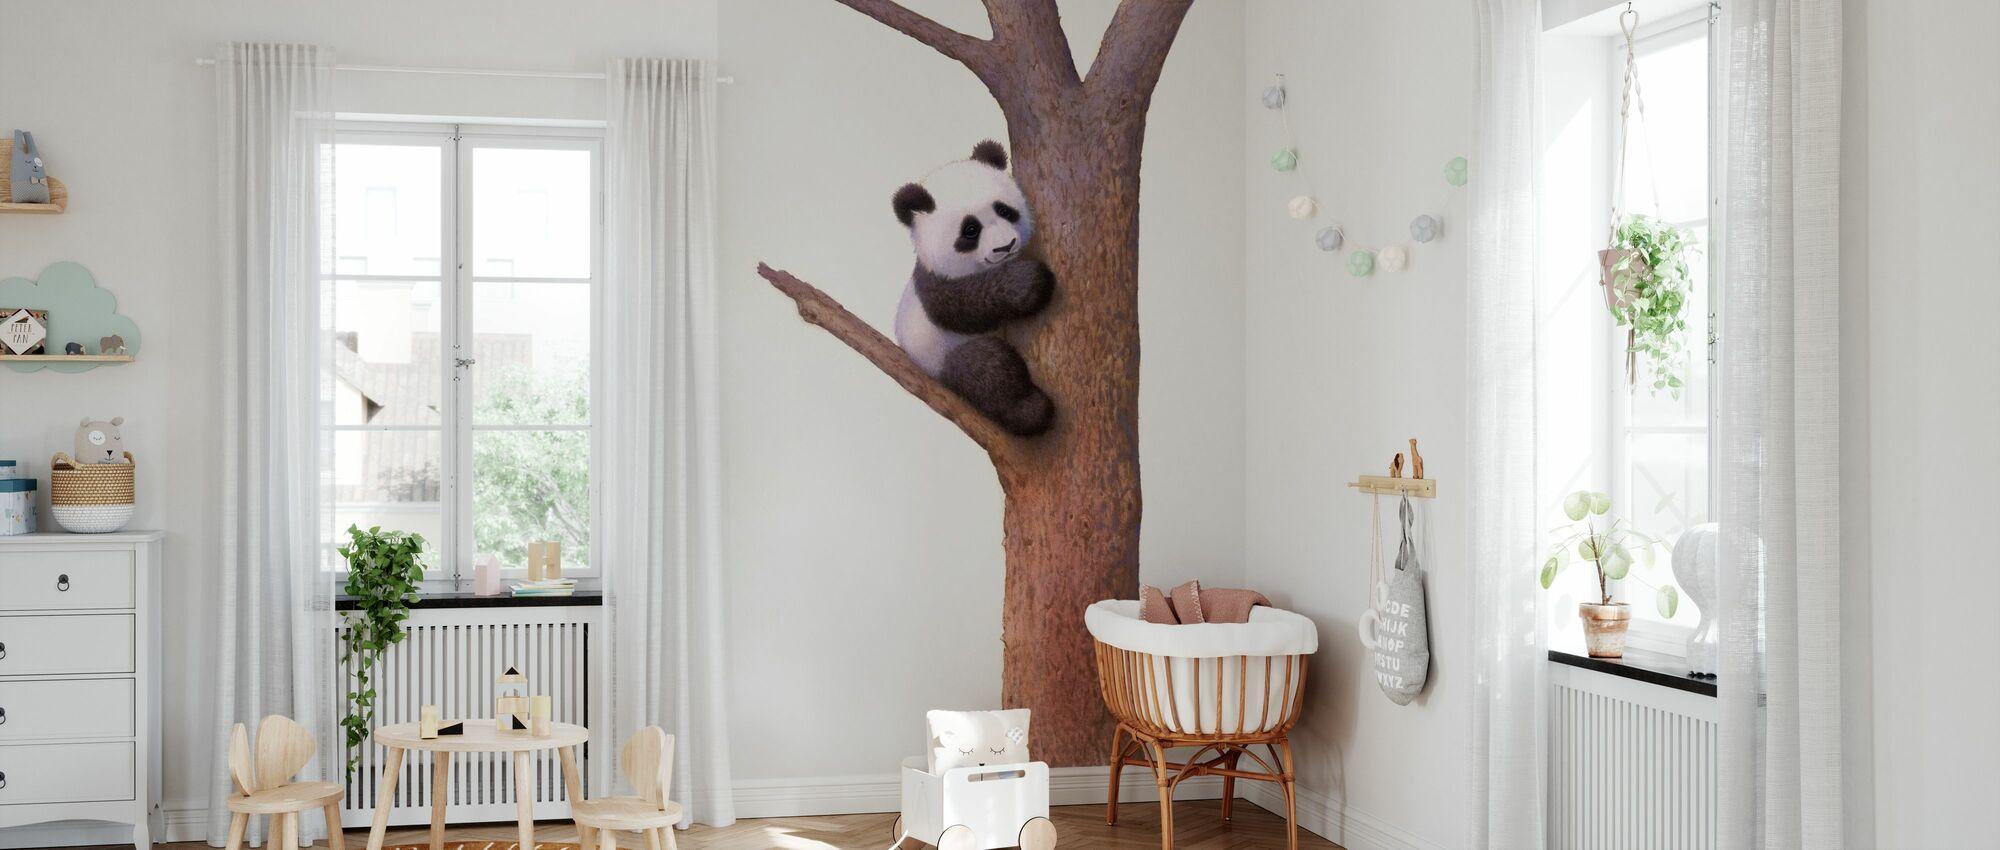 Panda Panda - Tapetti - Vauvan huone